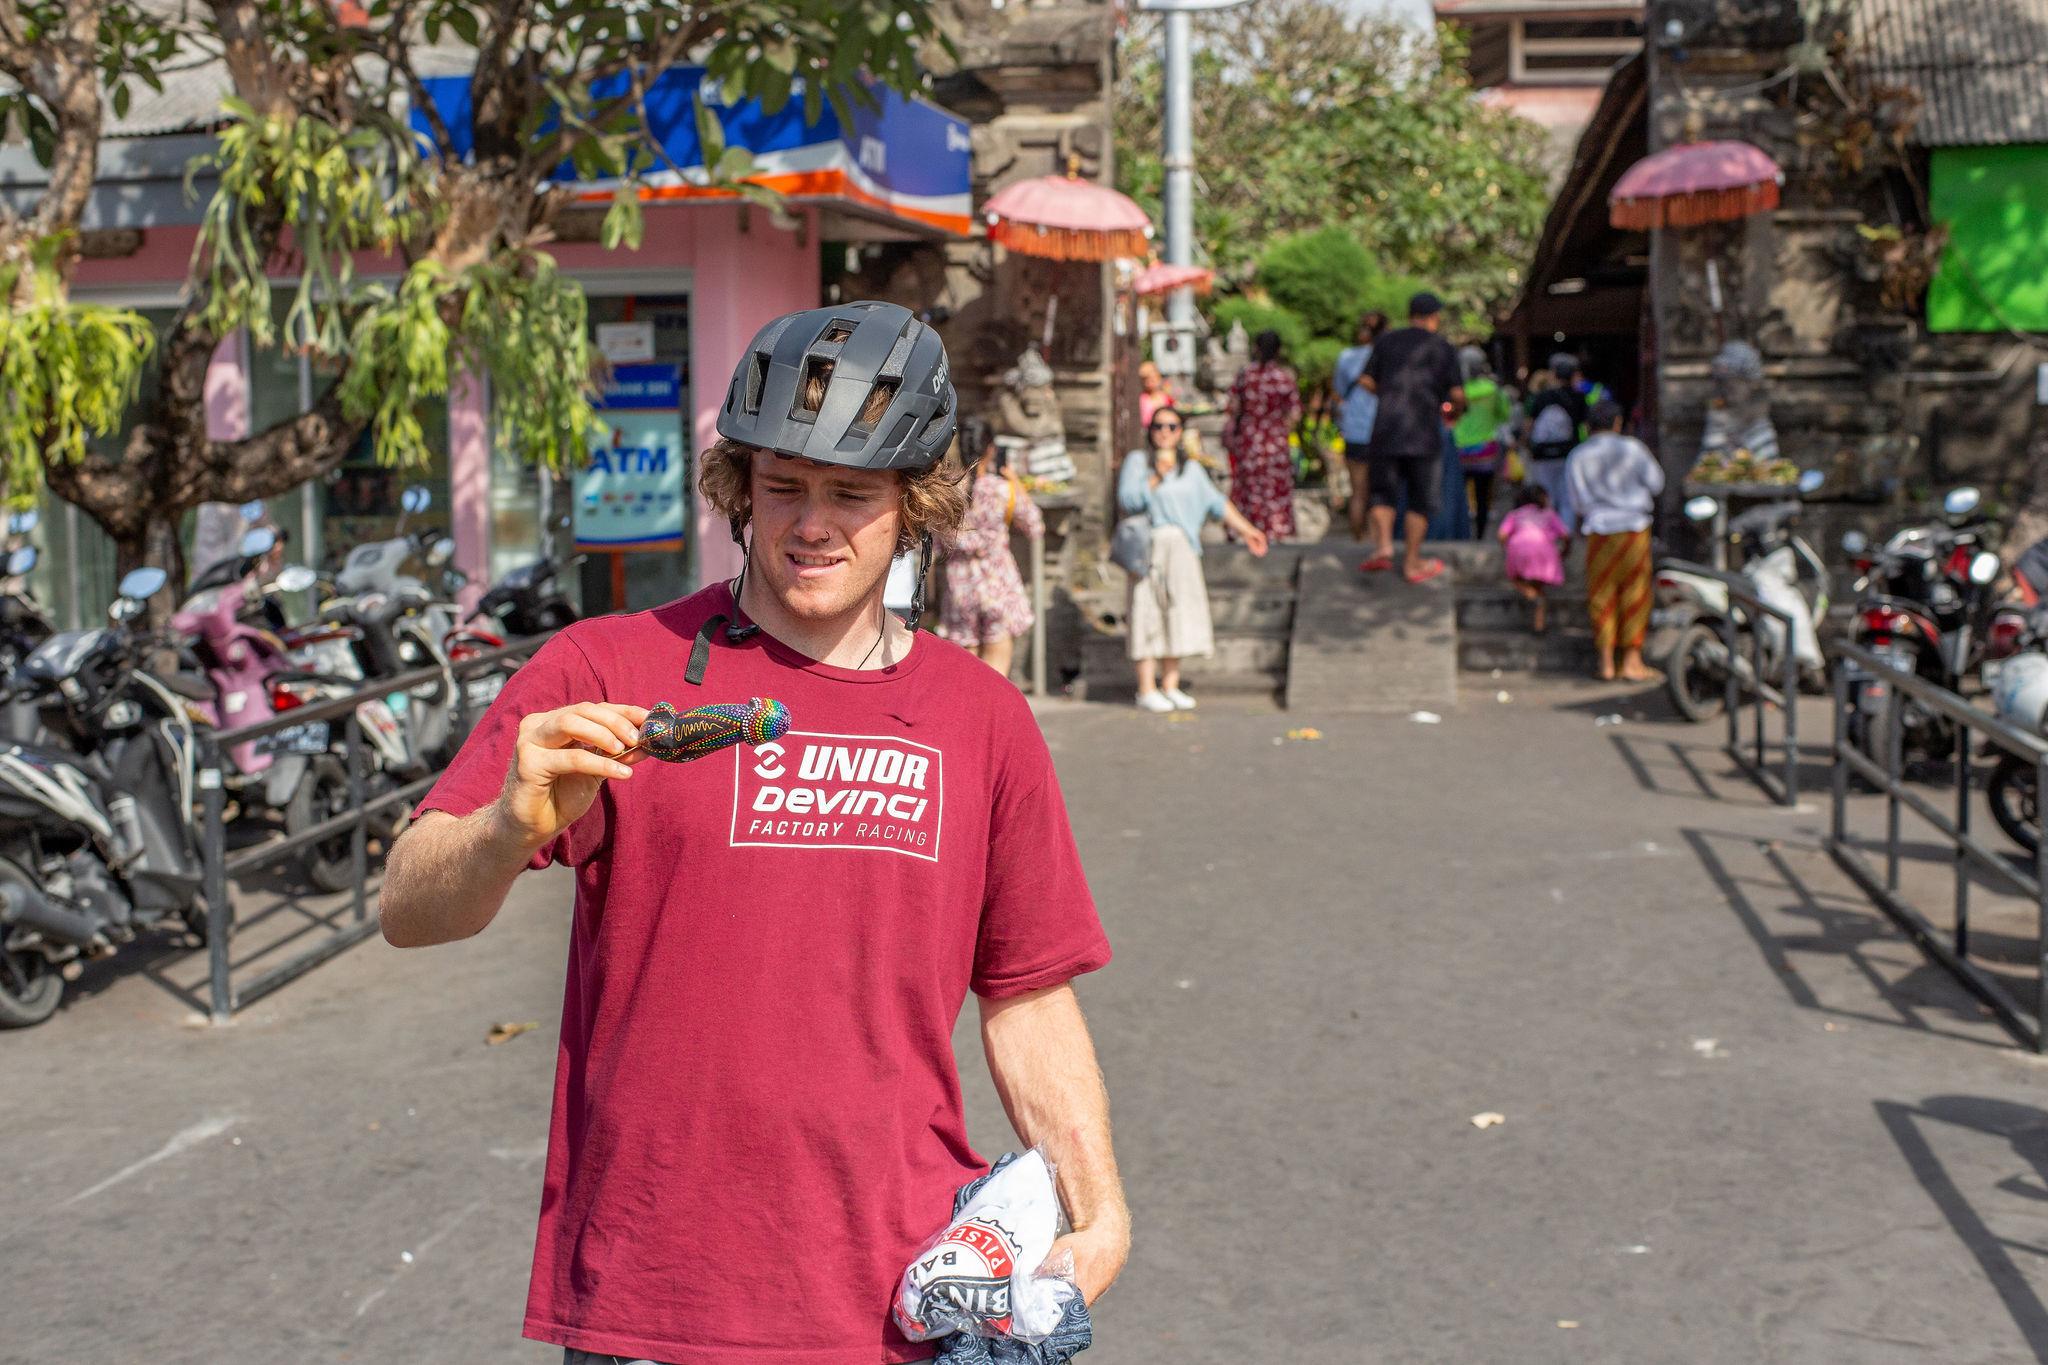 TheWrightLine-Bali-Stills-42-2048x1365-d98eaf32-64b3-4355-b038-33dcebd0acc0.jpg